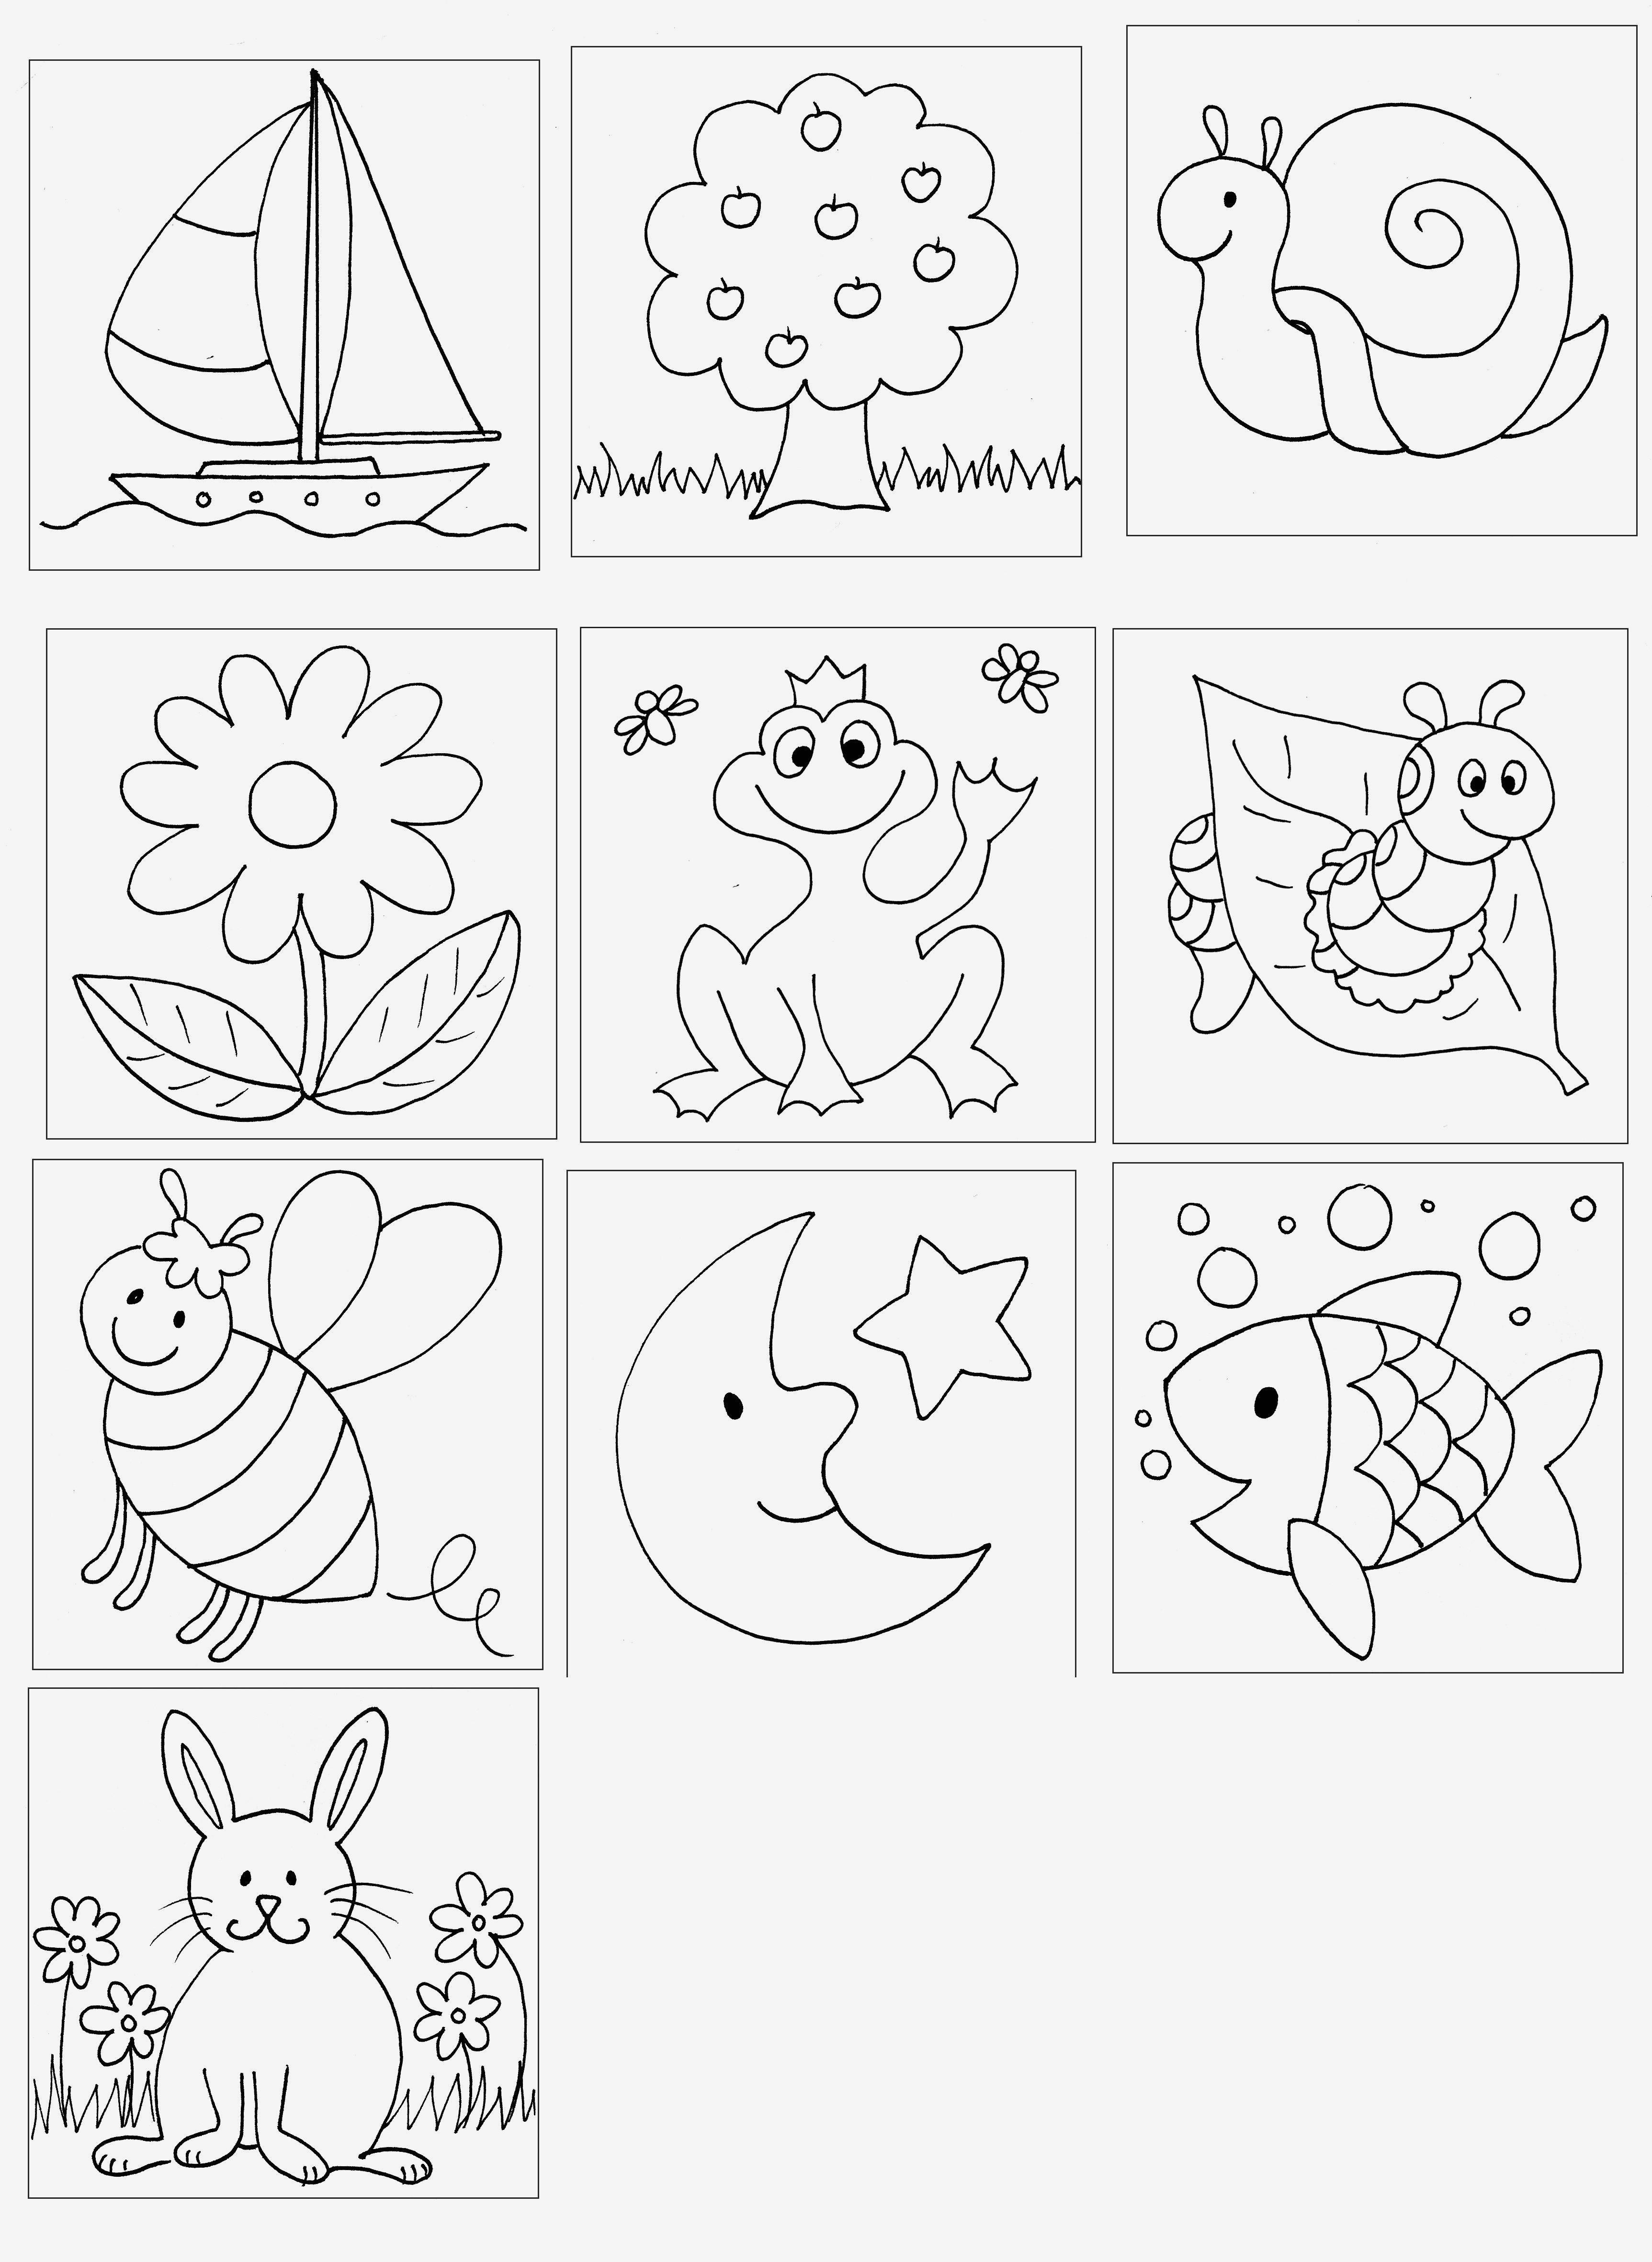 Ausmalbilder Katzen Und Hunde Inspirierend Malvorlagen Katzen Und Hunde Beispielbilder Färben Hahn Malvorlagen Fotografieren